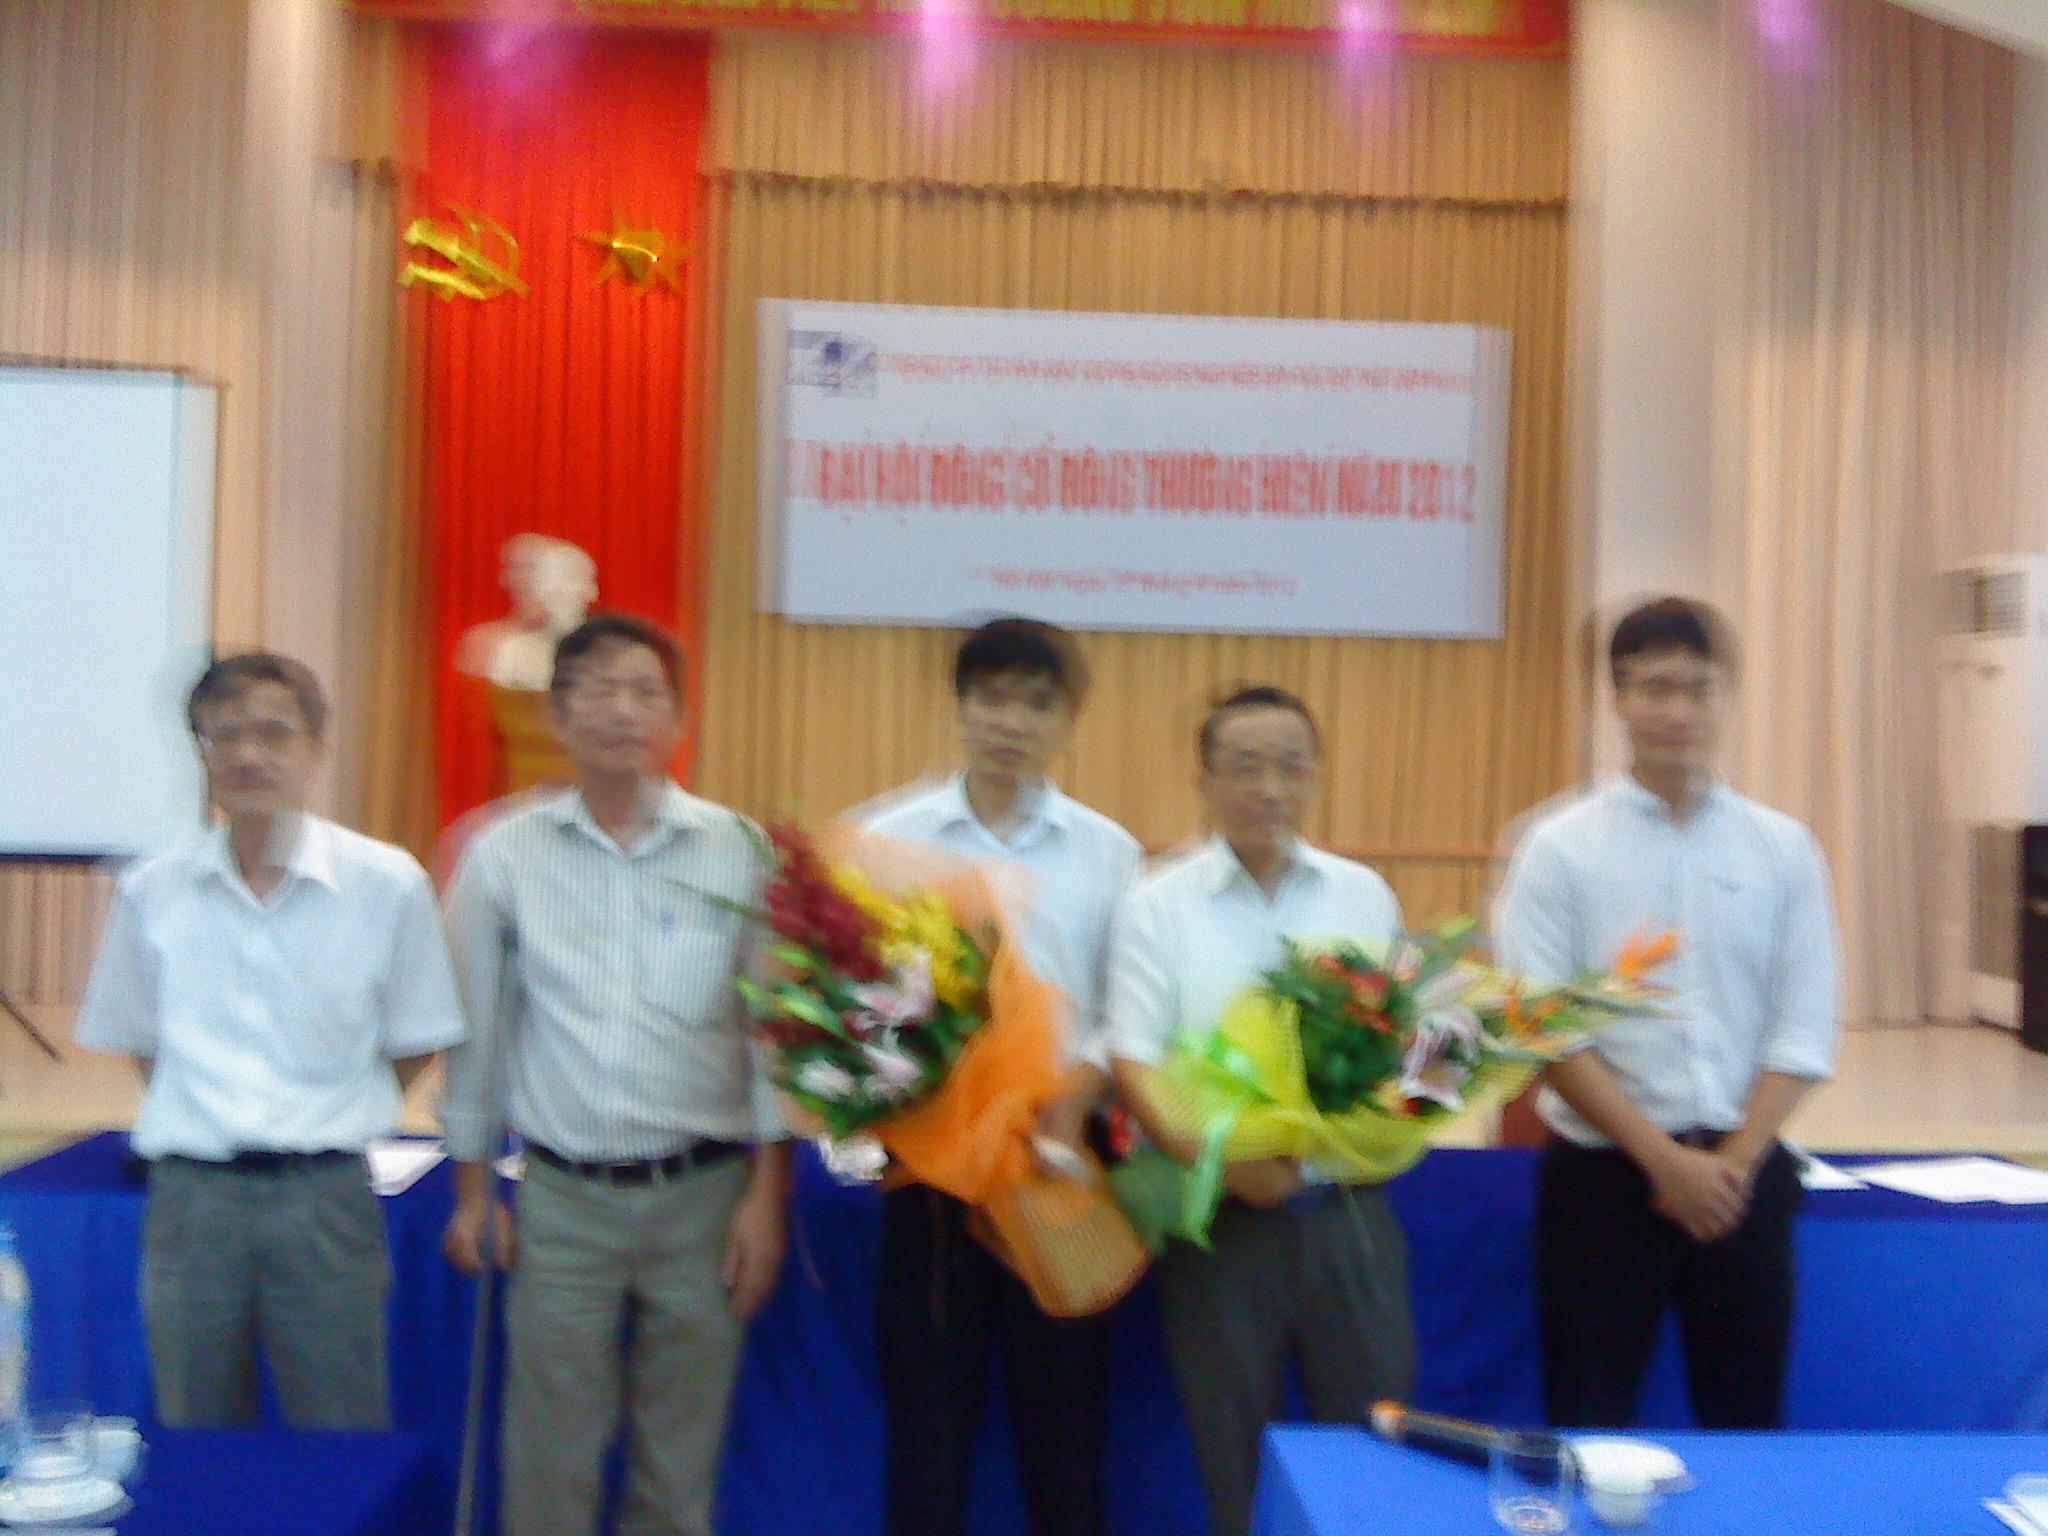 Ngày 27/4/2012 Công ty CP tư vấn Xây dựng Công nghiệp và Đô thị Việt Nam đã tổ chức Đại hội đồng cổ đông thường niên Công ty năm 2012.